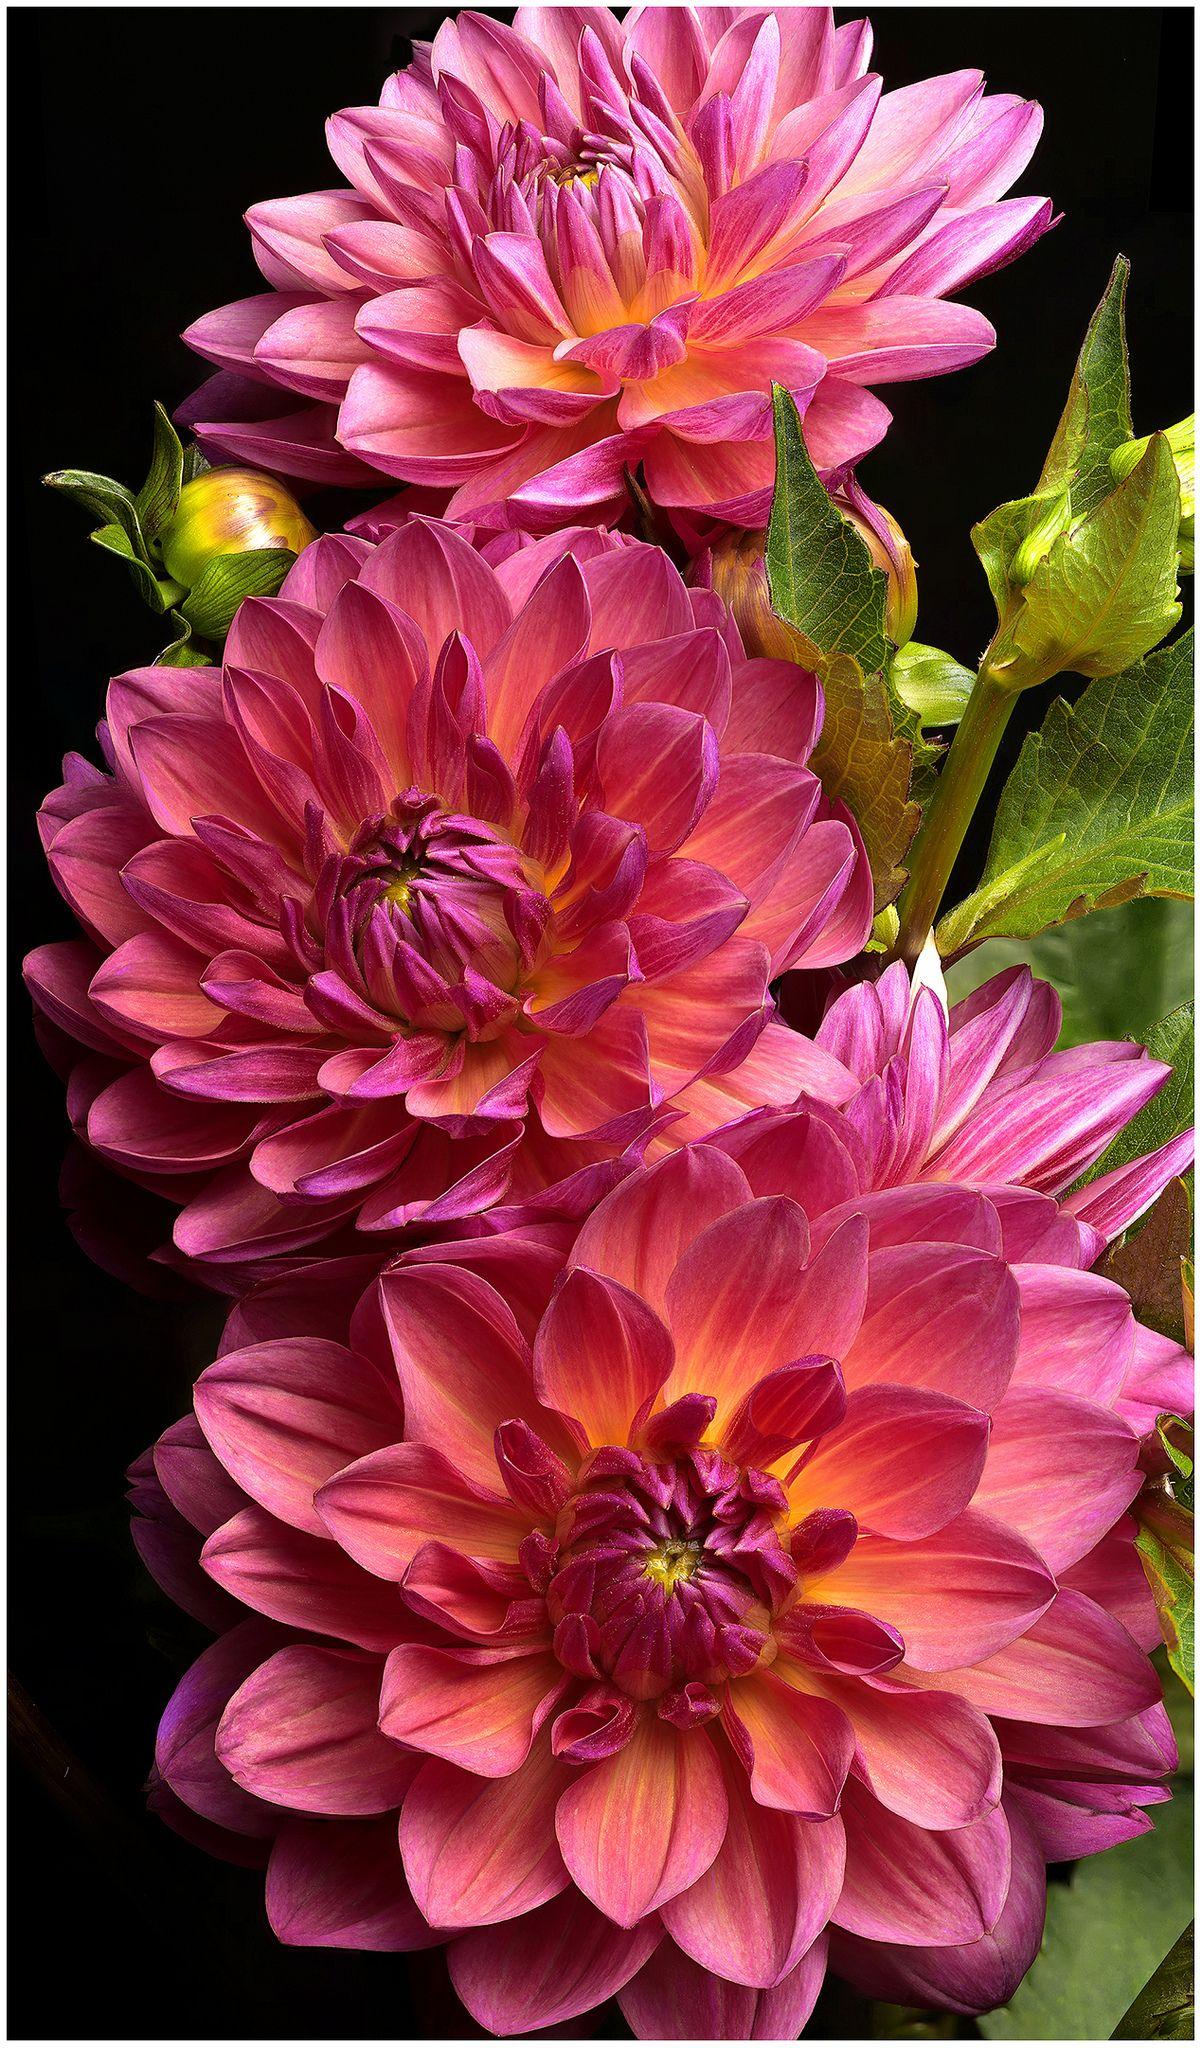 Dahlias Ast53 Ekler 2 Pinterest Dahlia Flowers And Explore